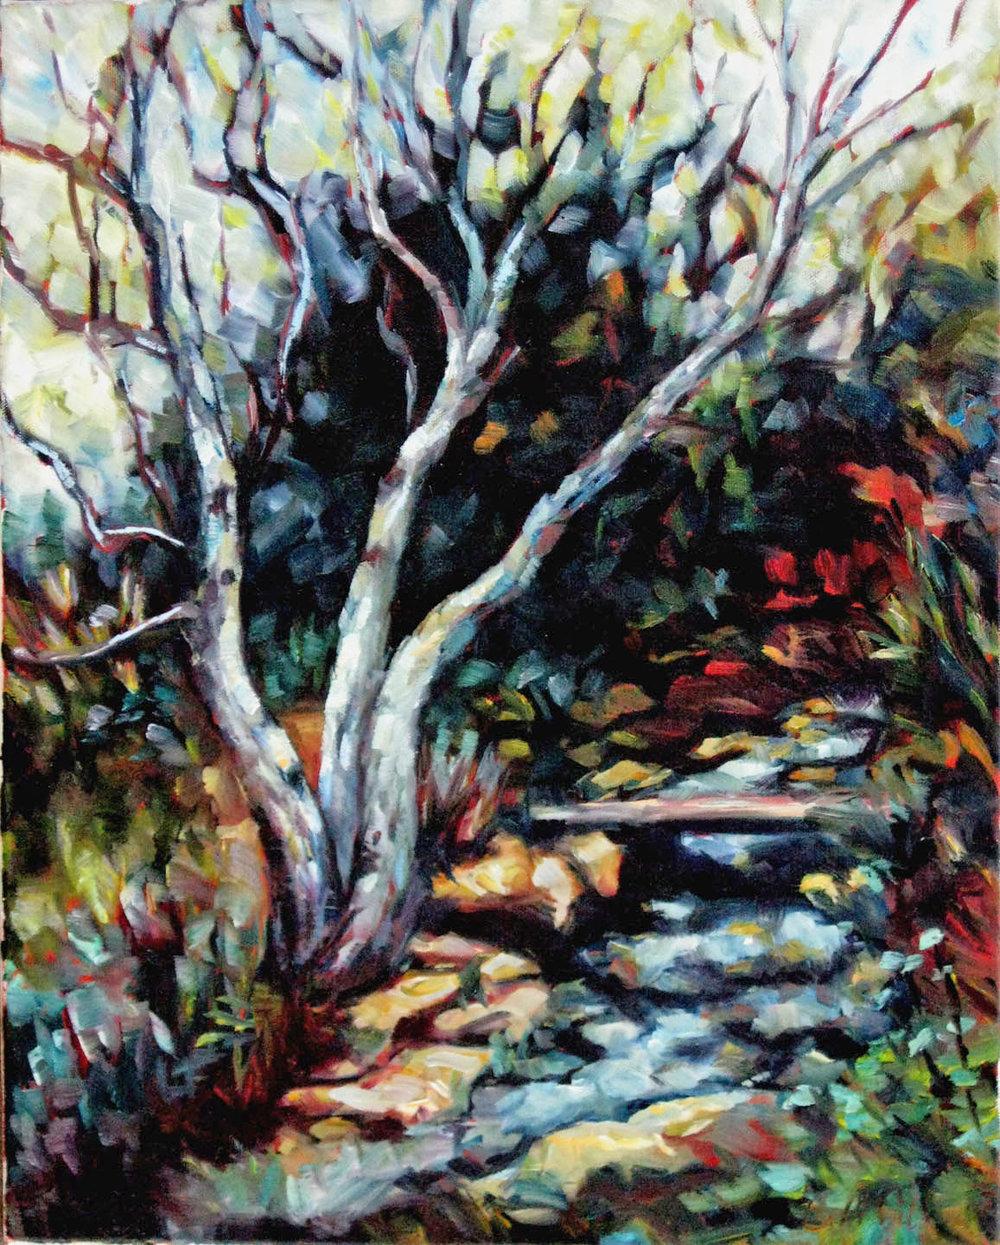 Upstream  Carol McCall 16x12 oc $600 fr